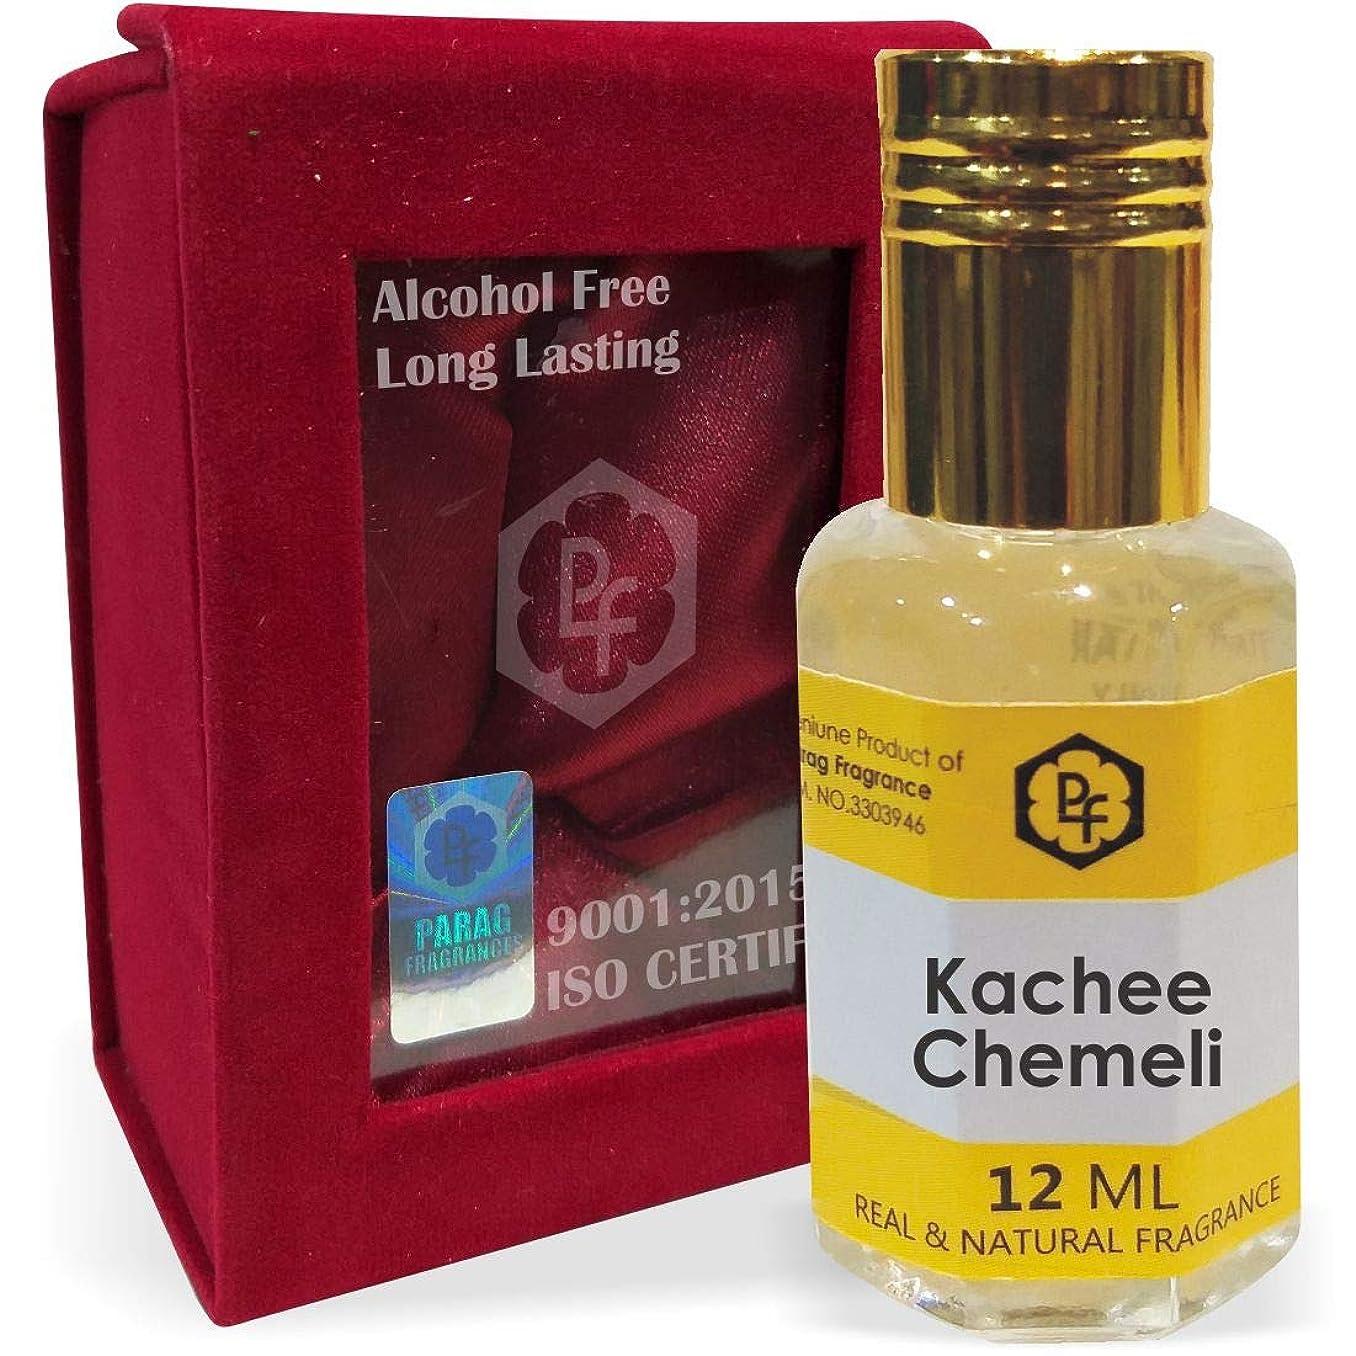 麻酔薬真空百年ParagフレグランスKachee手作りベルベットボックスChemeli 12ミリリットルアター/香水(インドの伝統的なBhapka処理方法により、インド製)オイル/フレグランスオイル 長持ちアターITRA最高の品質